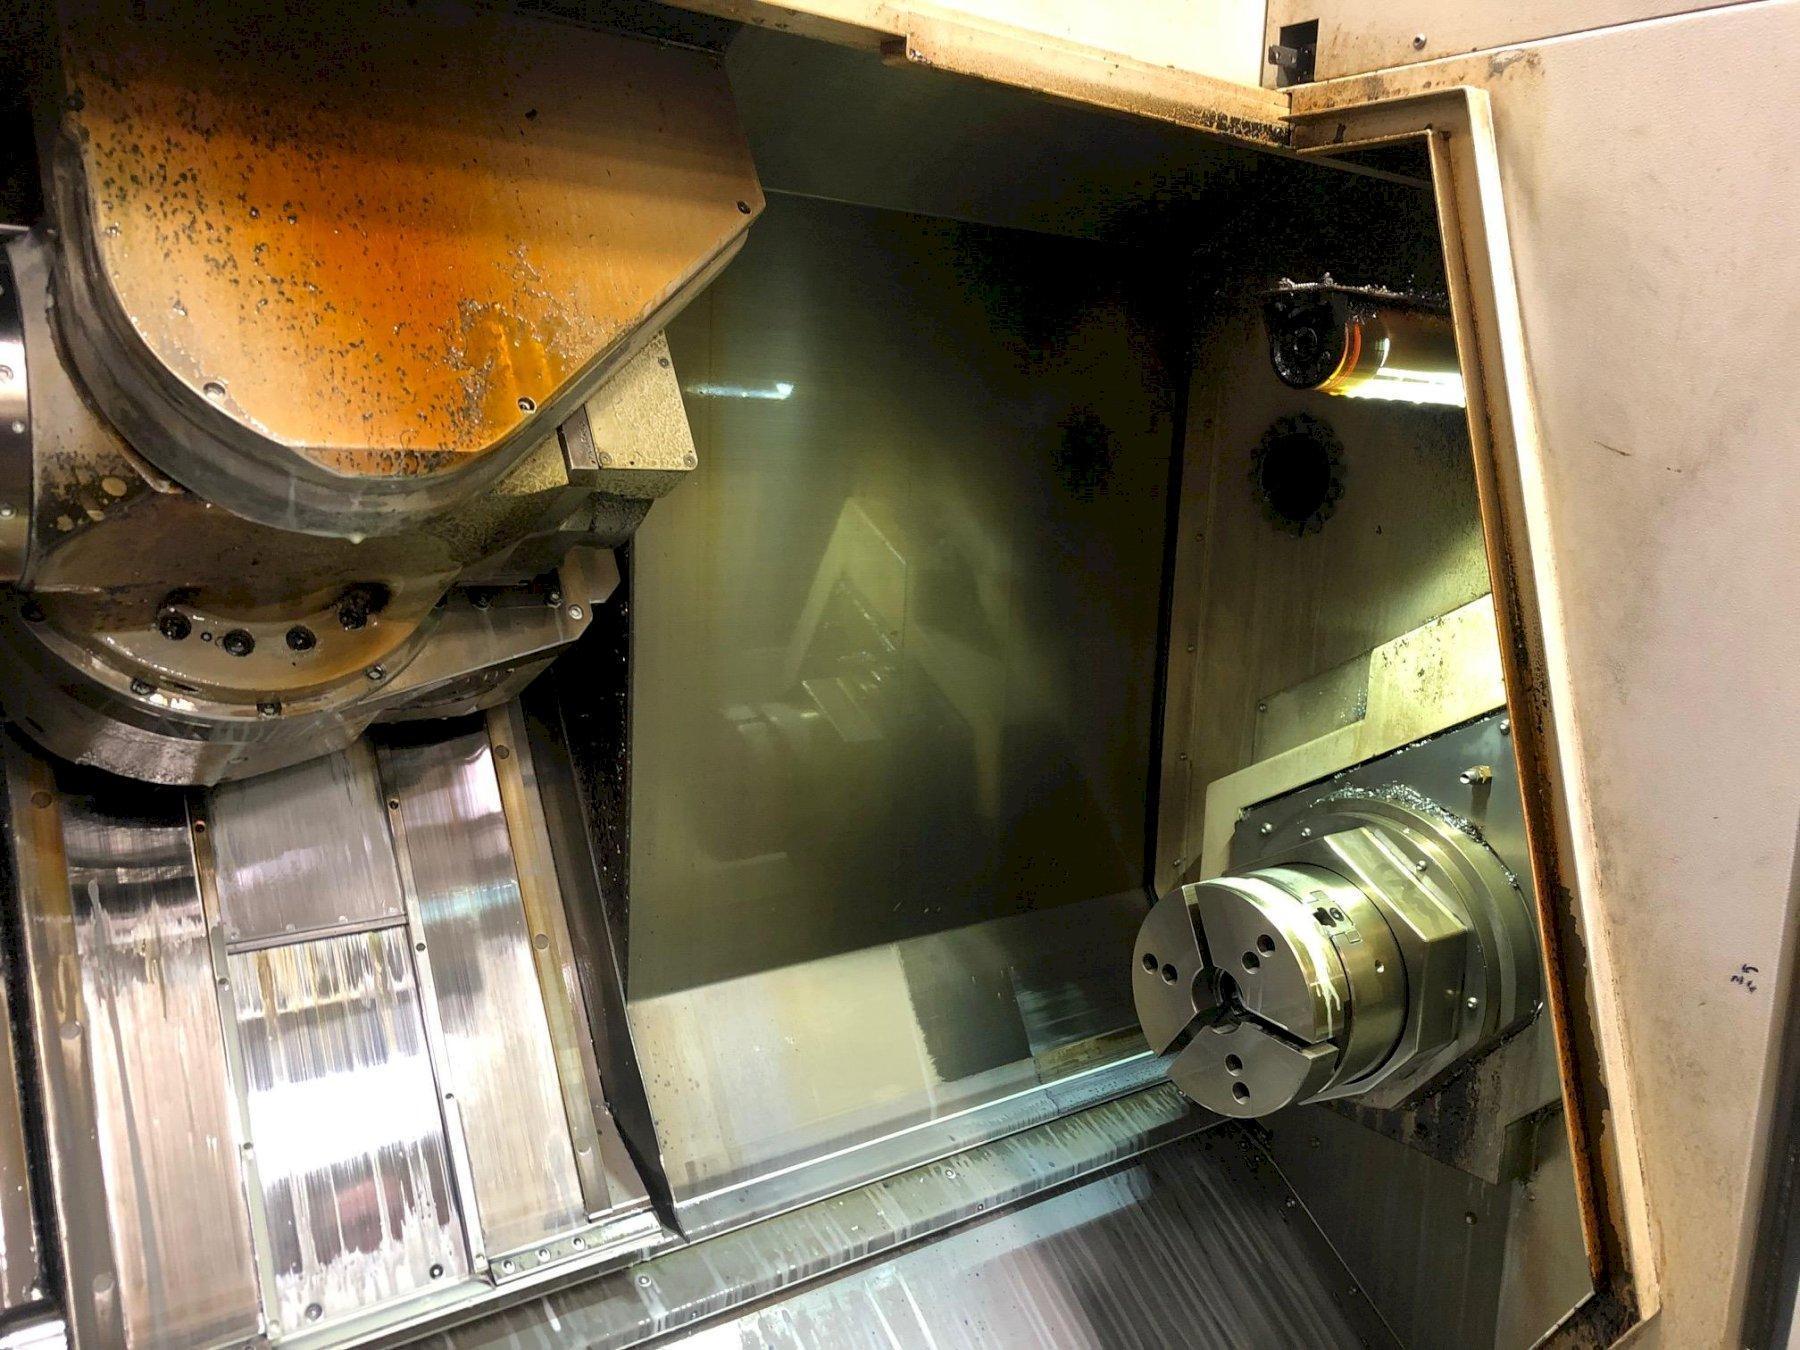 2007 Mazak Integrex 200-IVS - CNC Horizontal Lathe